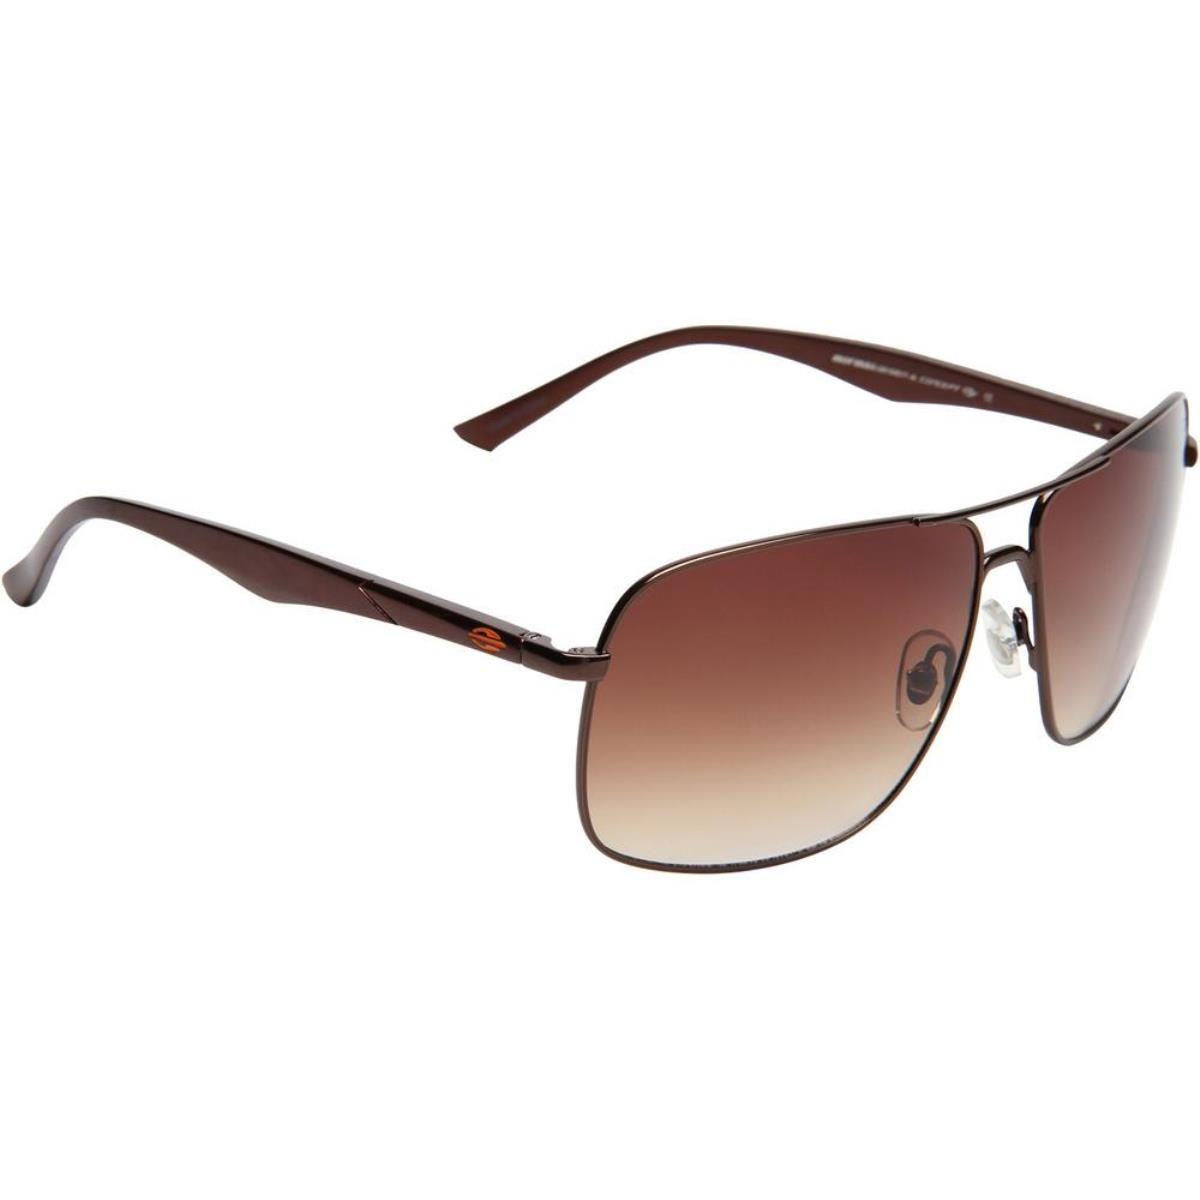 COMPRE AQUI  Óculos de Sol Mormaii Masculino Quadrado - Marrom   Marrom -  Tamanho Único 971ae10e5c